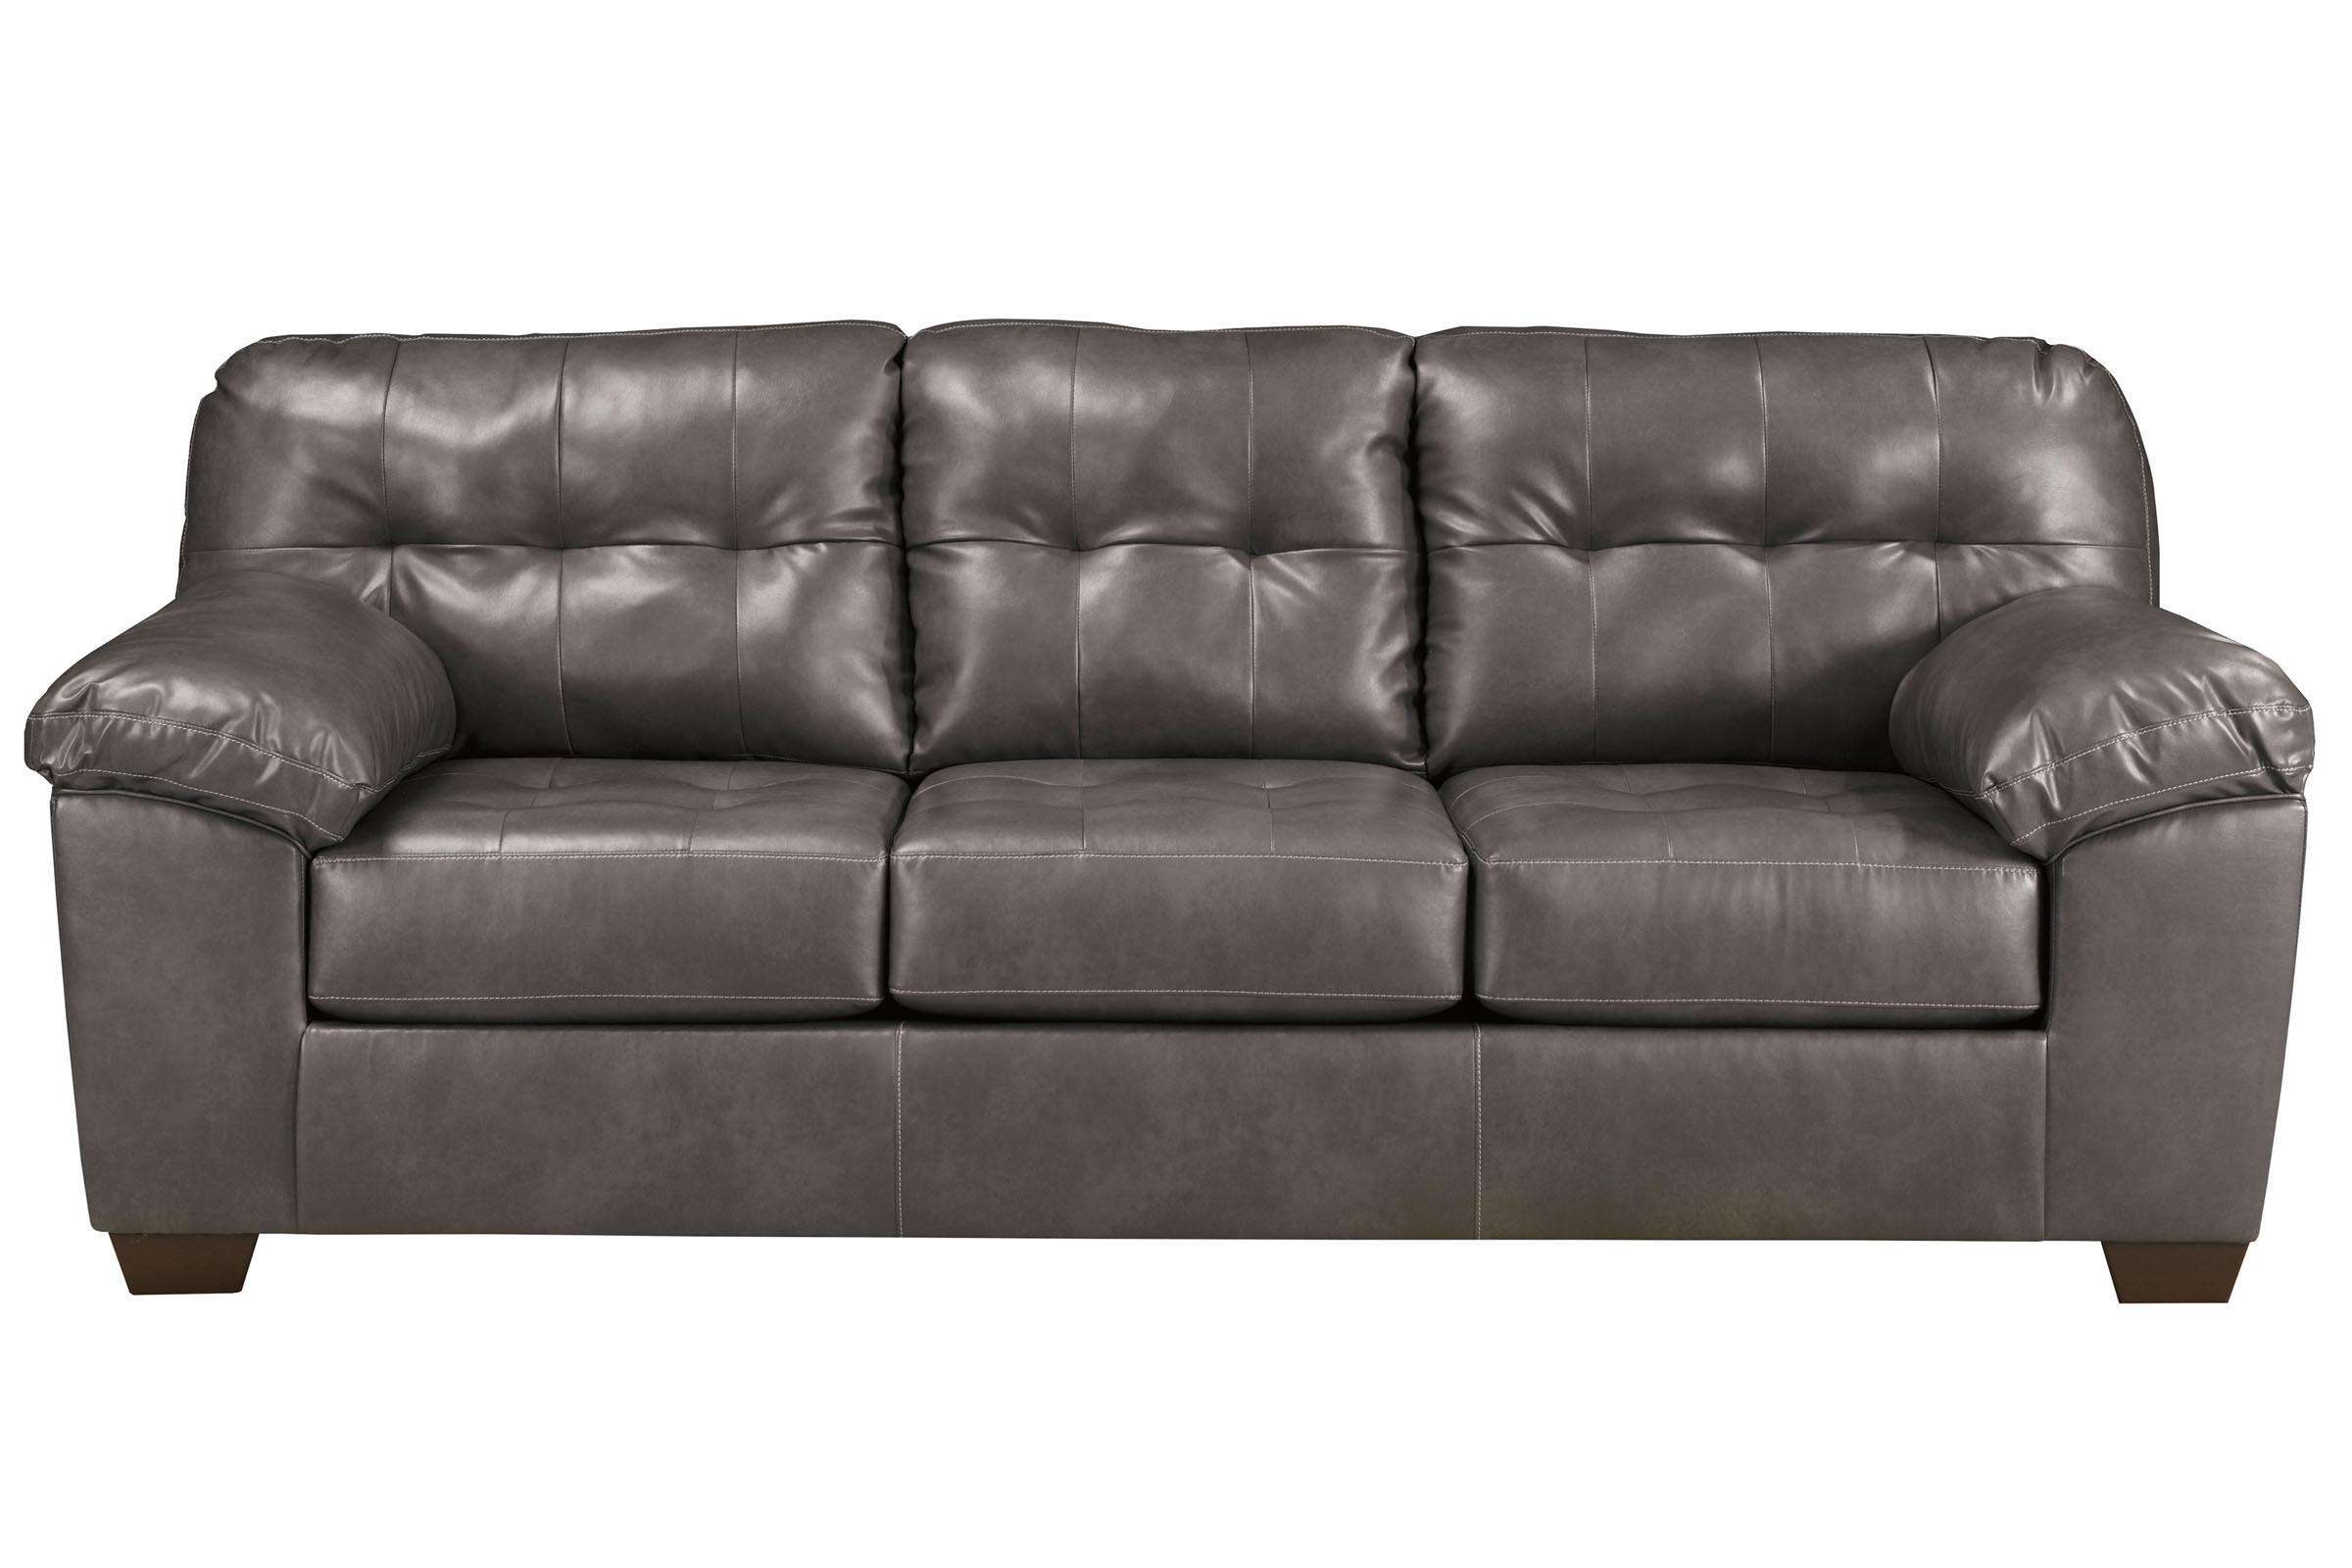 edison sofa by ashley